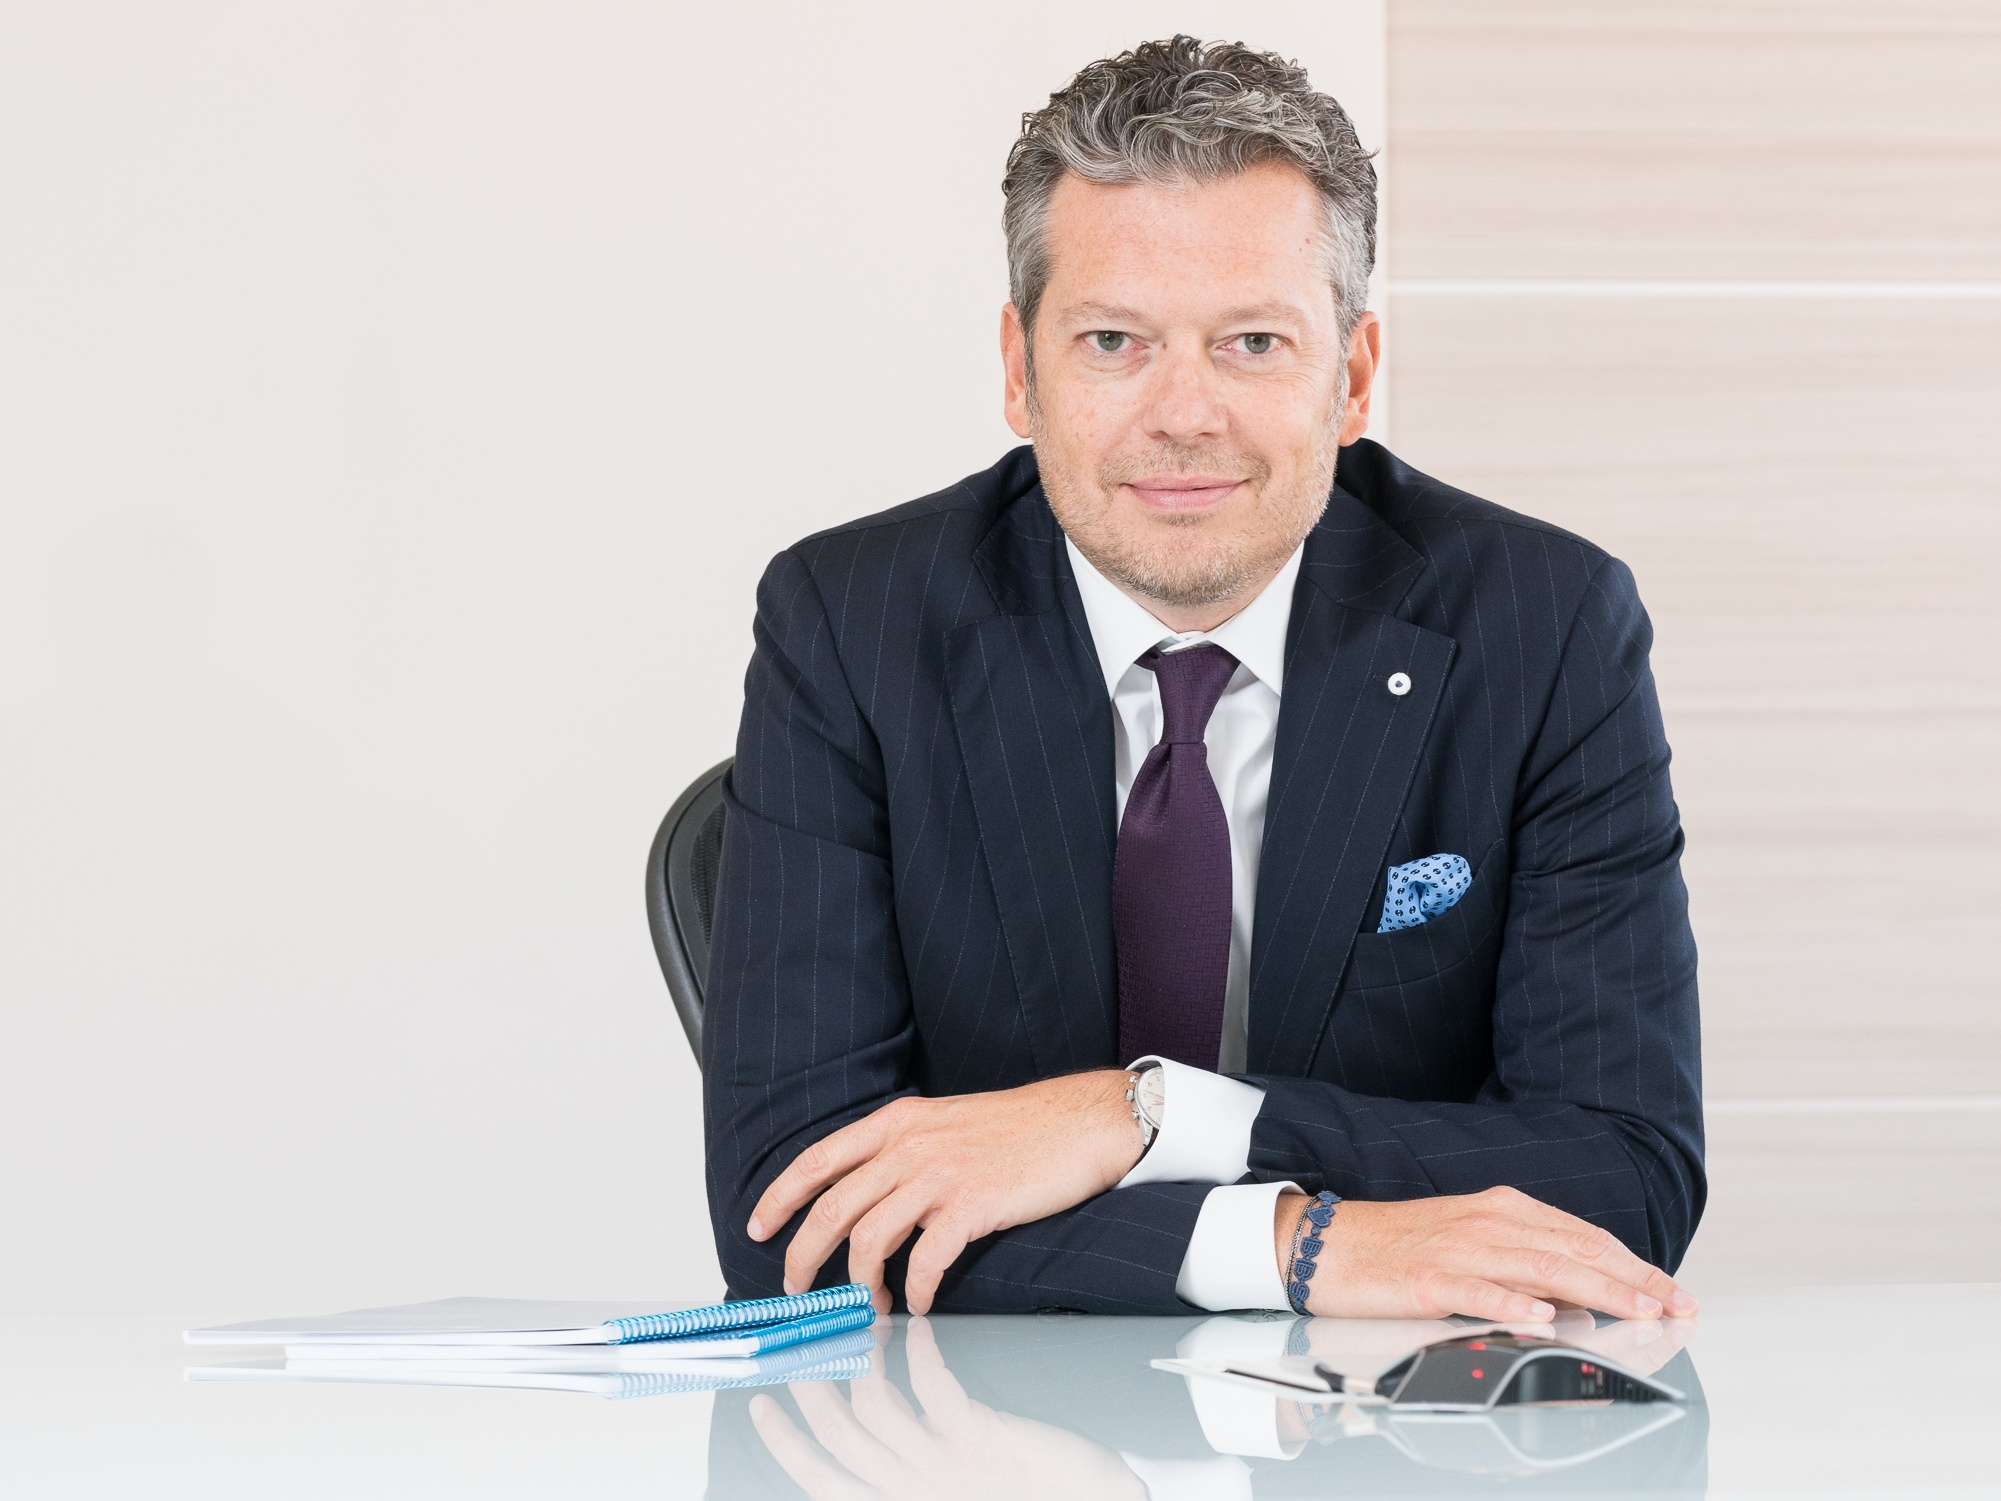 Andrea Falleni, Amministratore Delegato di Capgemini Italia e Eastern Europe